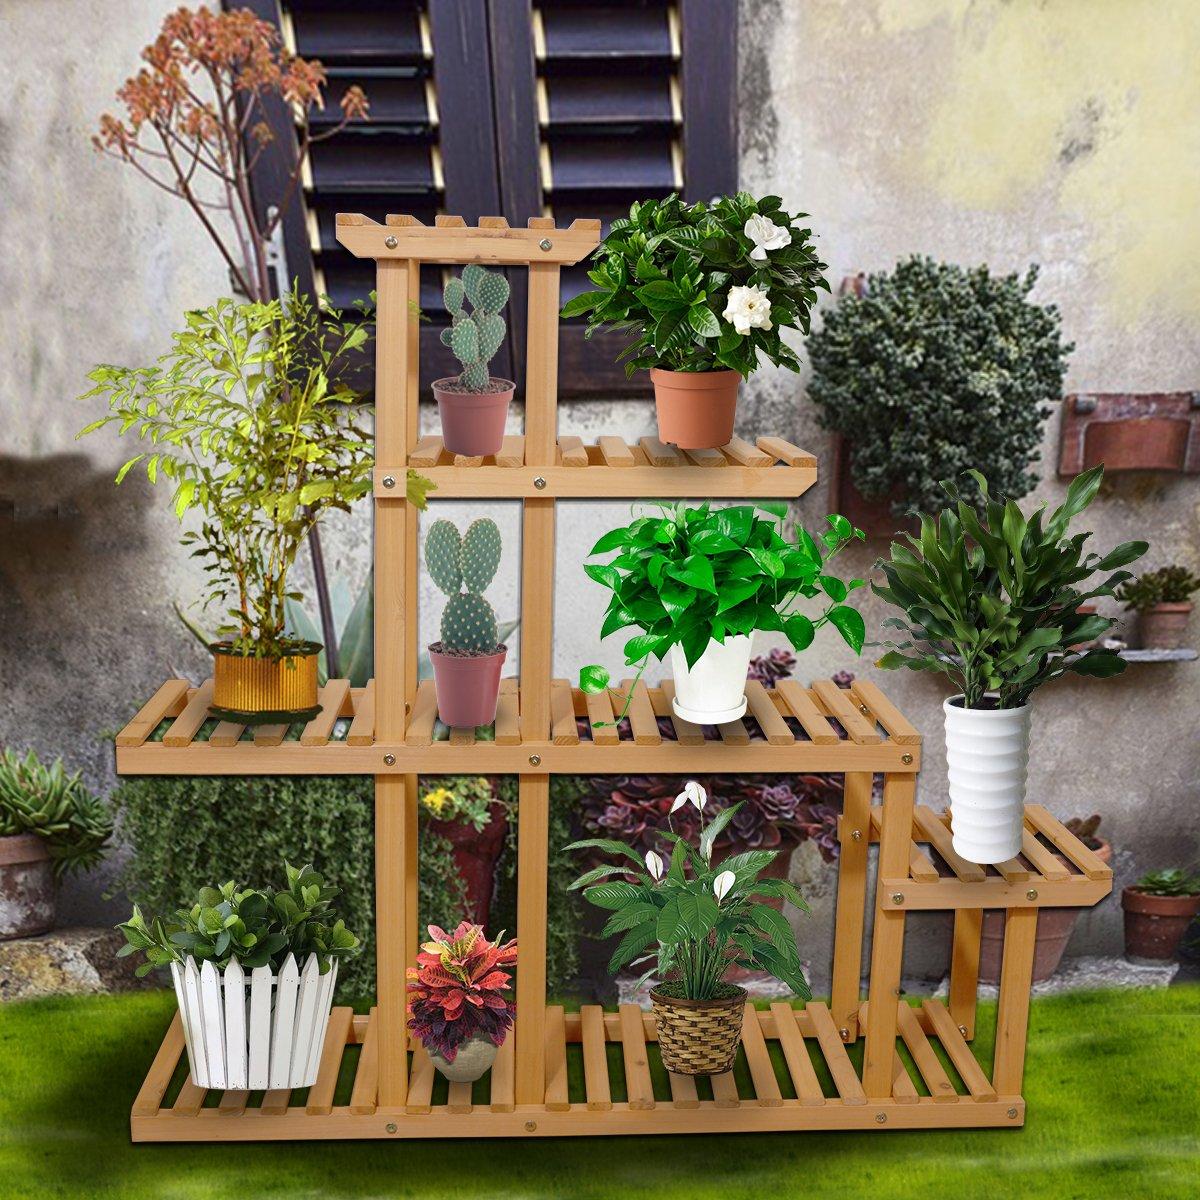 Yardeen Wooden Plant Display Flower Stand 5-Tier Storage Rack Shelving 10 Pot Holder for Garden Patio Corner Indoor&Outdoor Décor by Yardeen (Image #5)